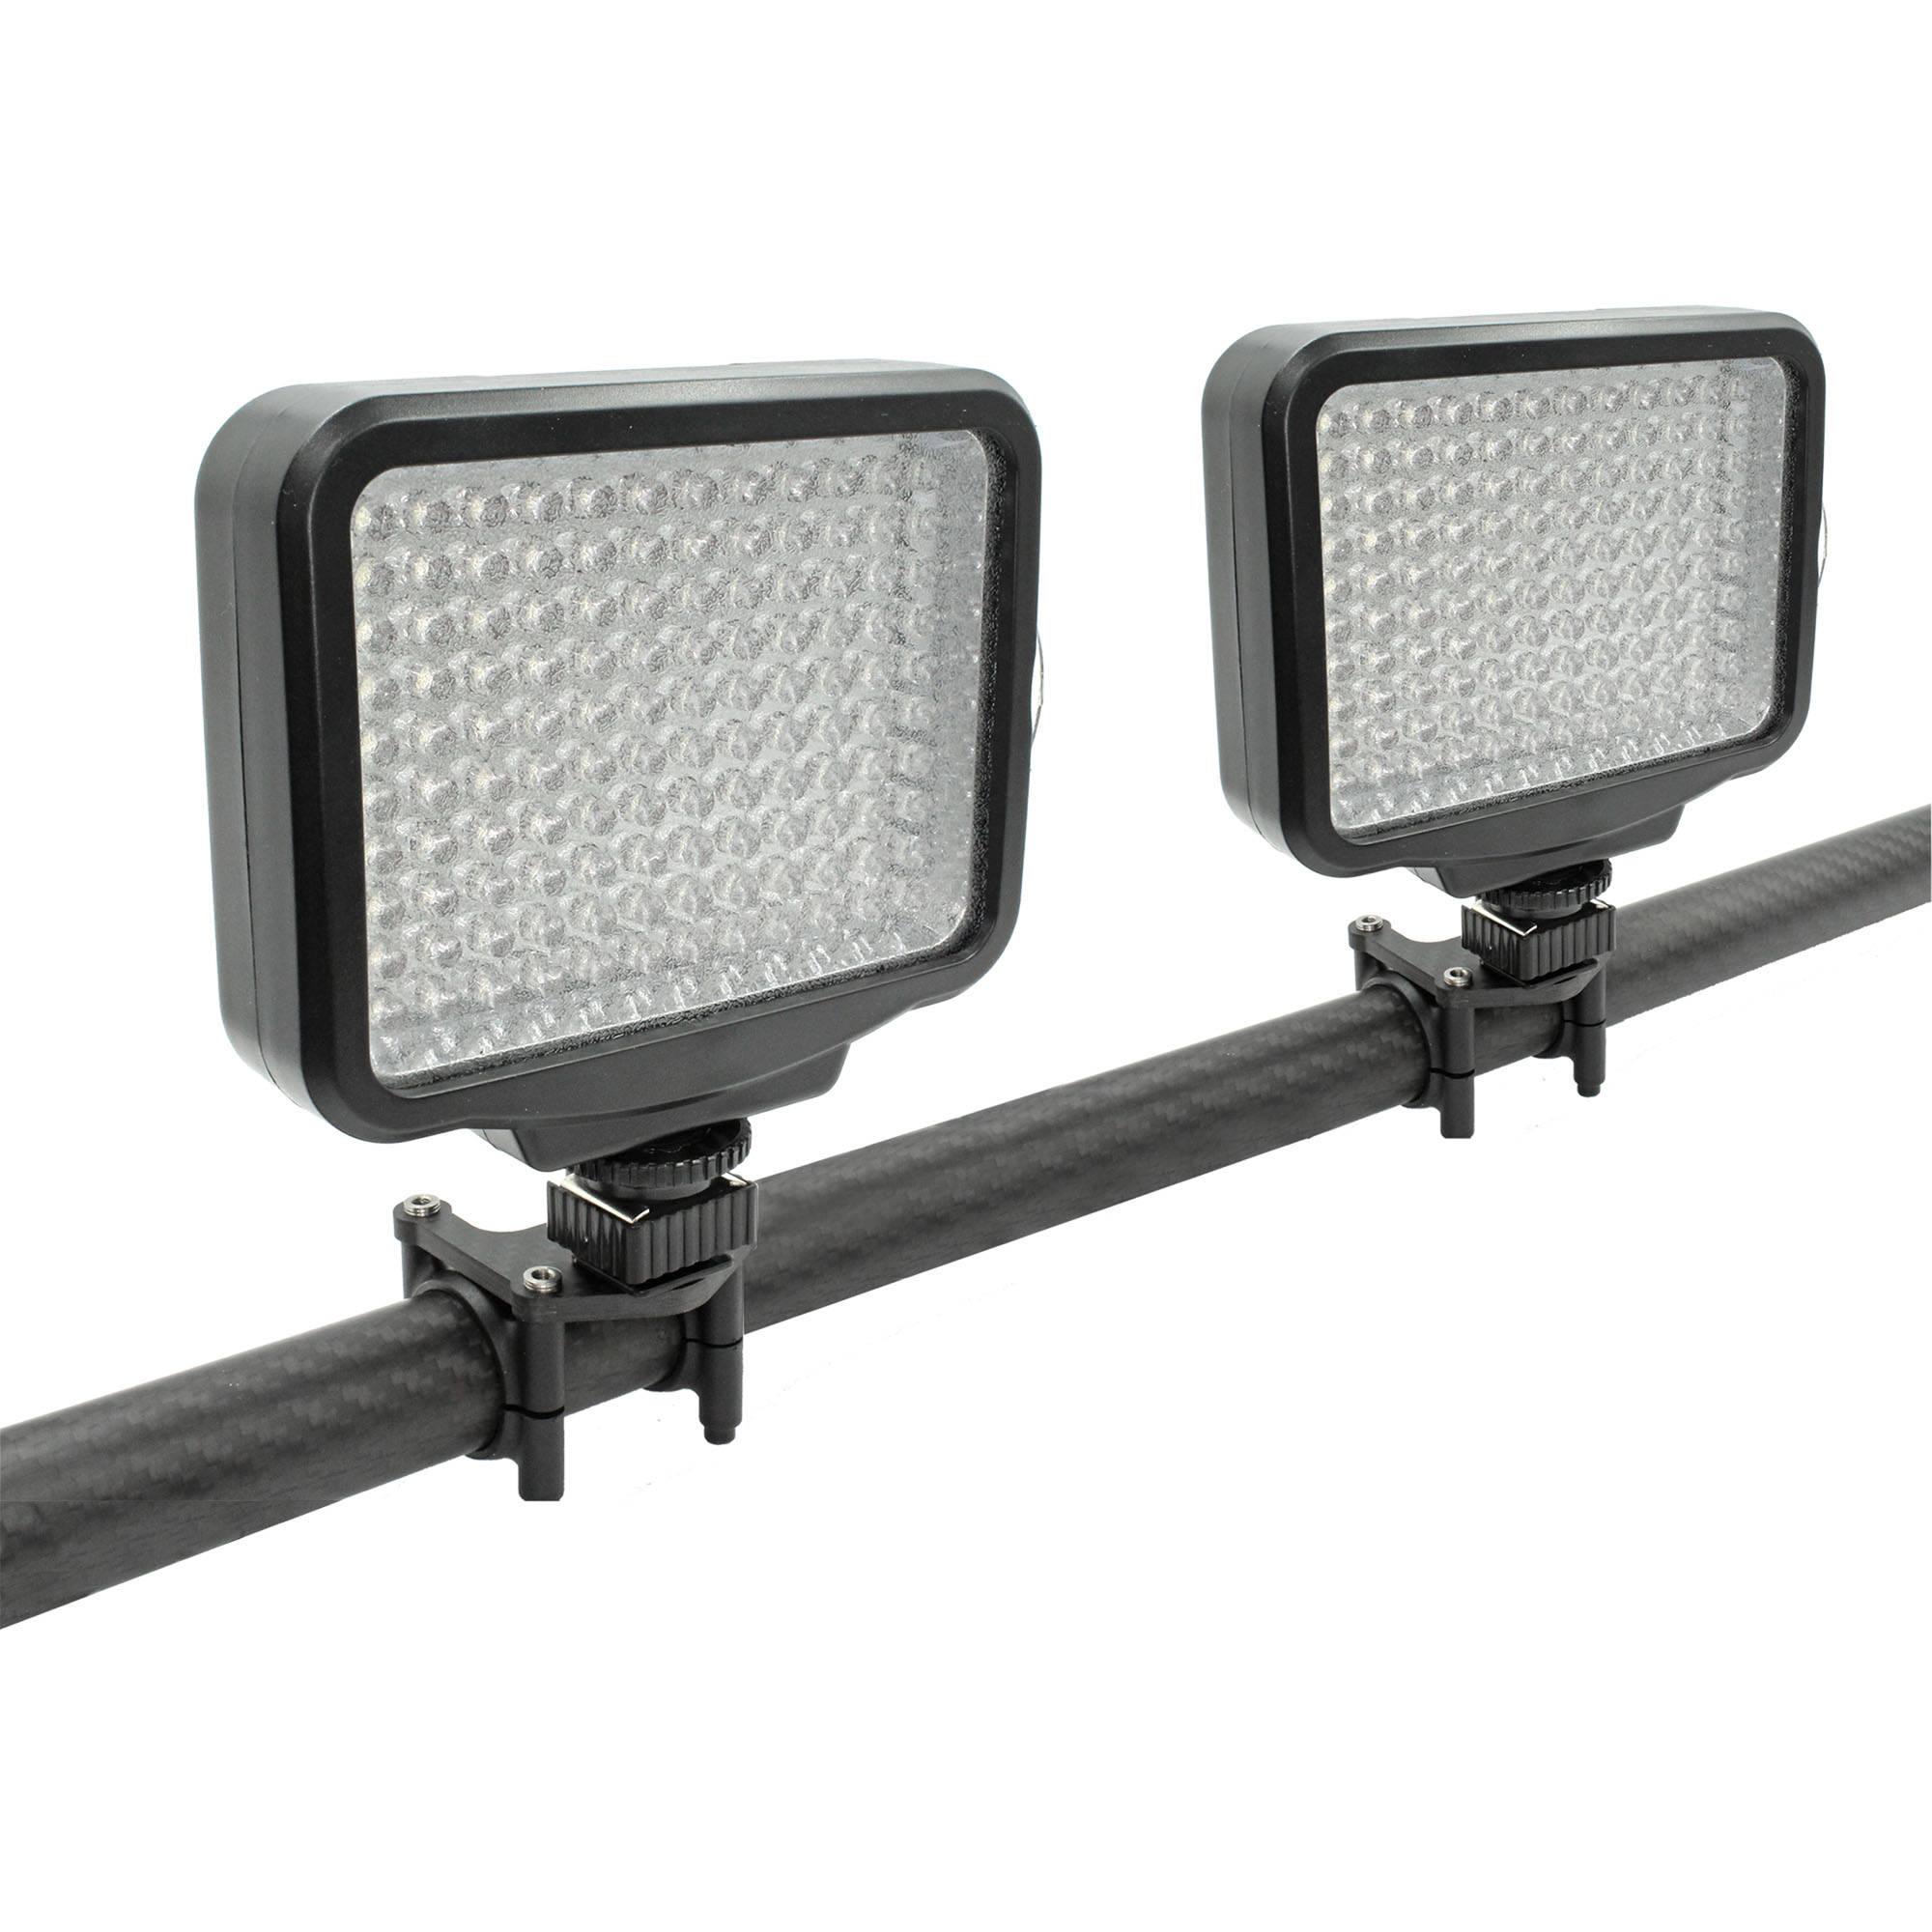 gyrovu 120 led light panels for roninmmx and movi 2